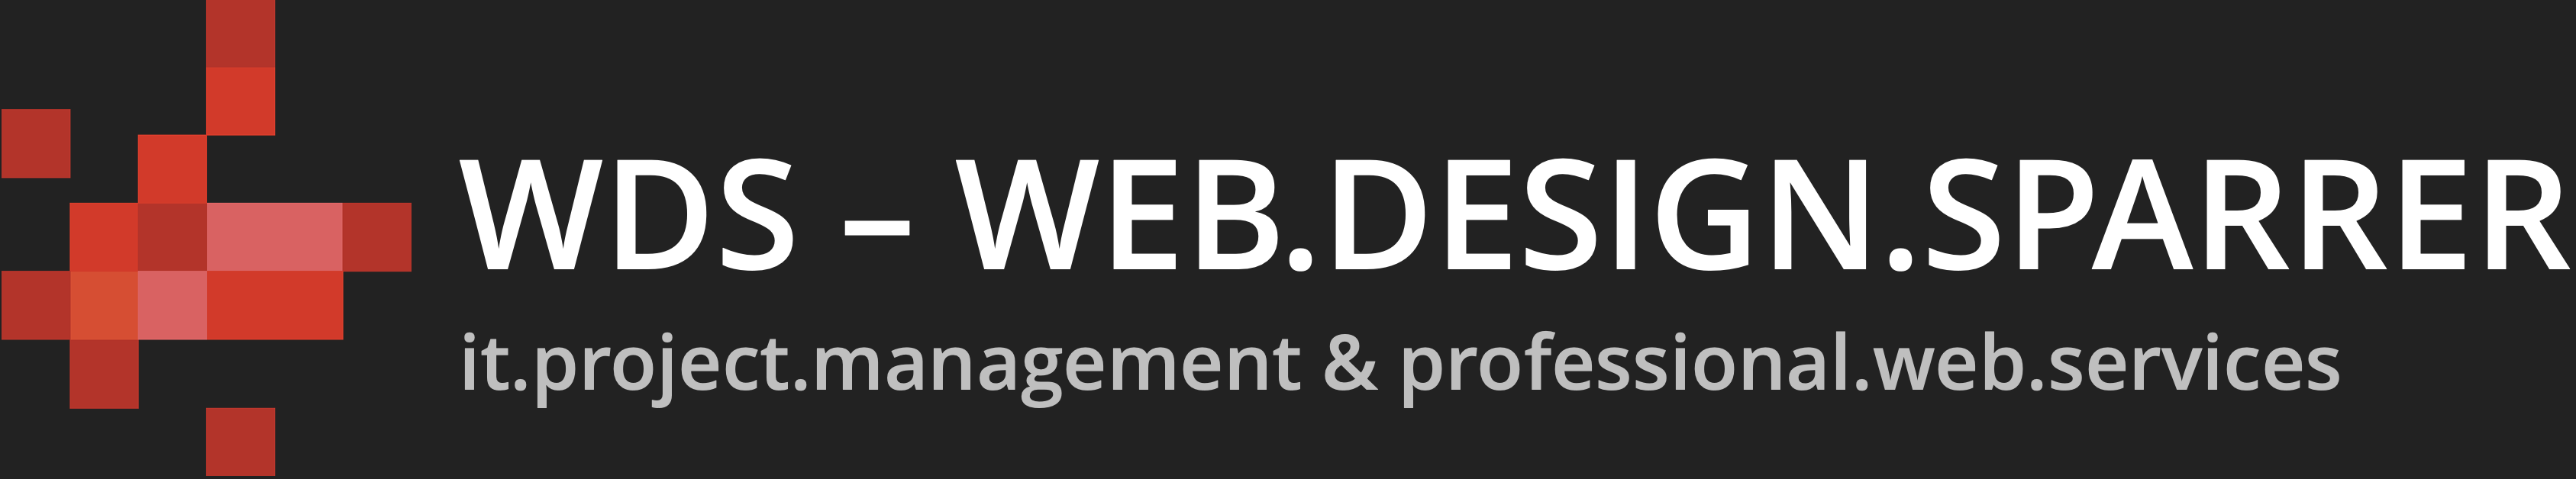 WDS – WEB.DESIGN.SPARRER